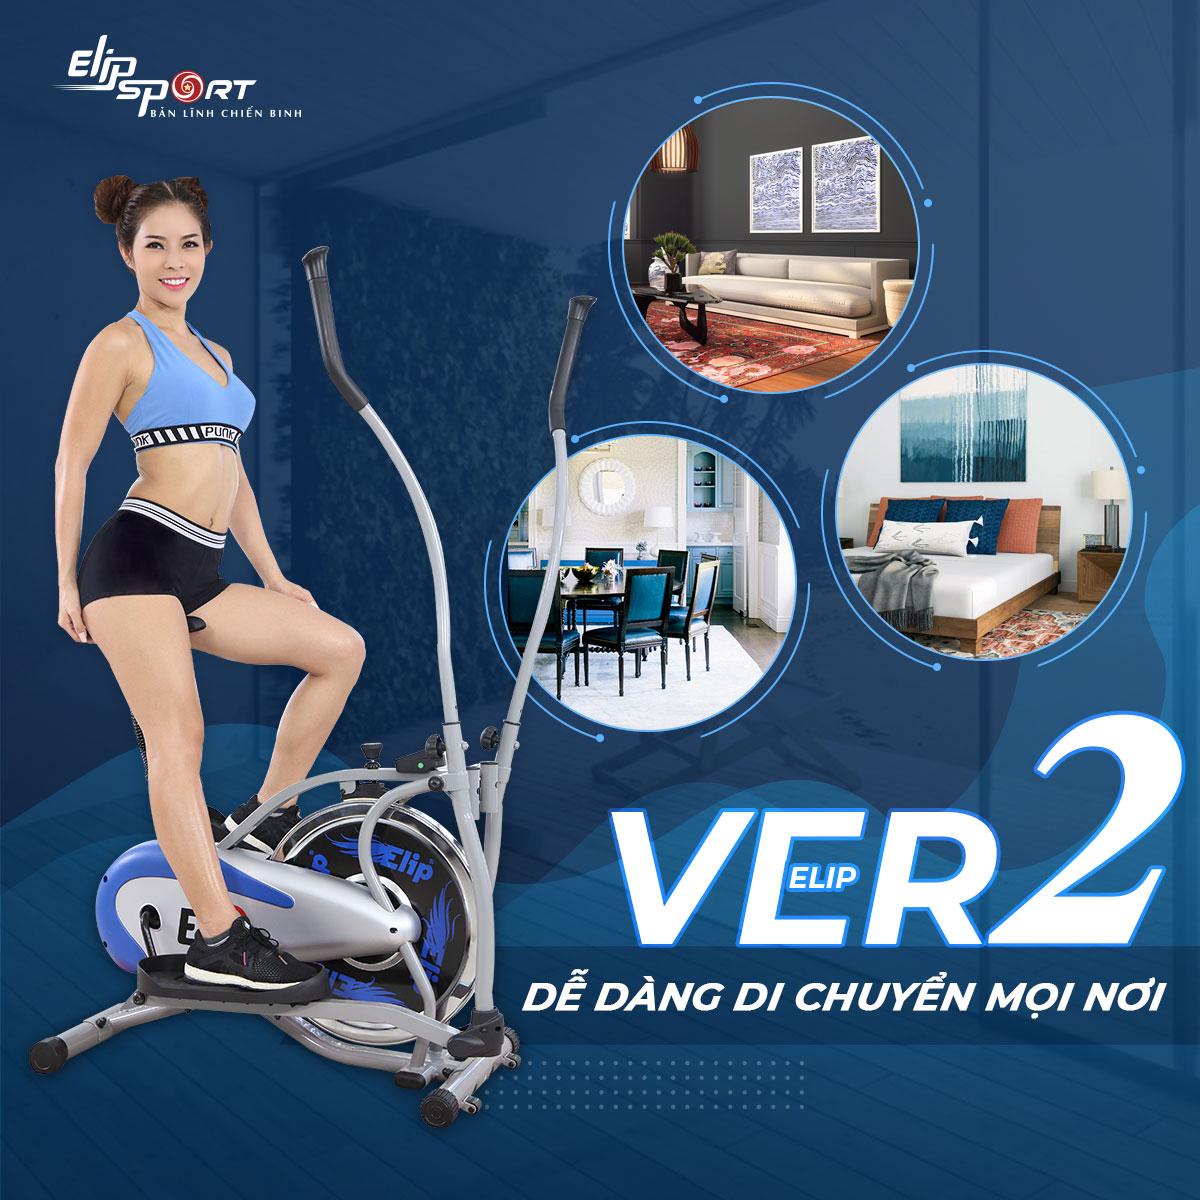 xe đạp tập ELIP Ver2